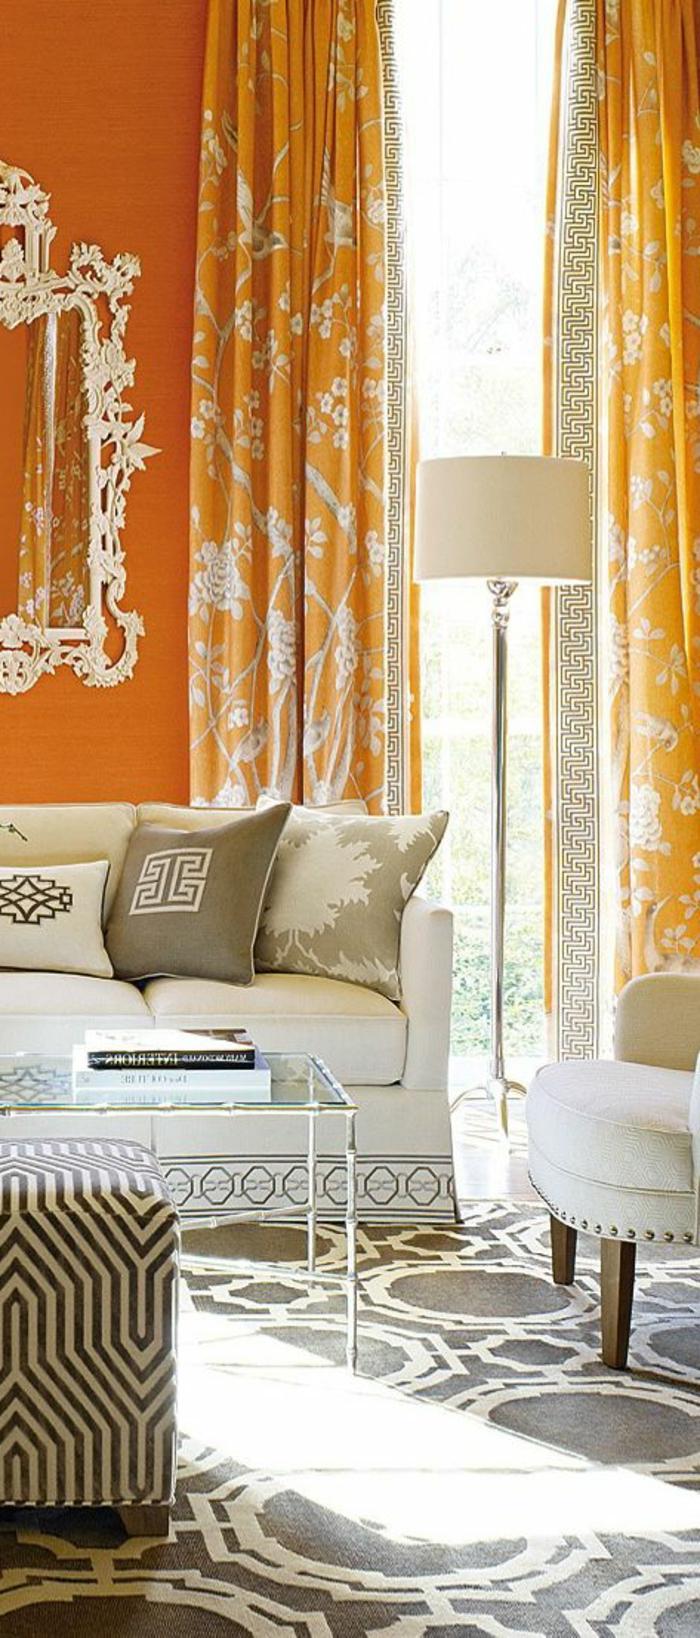 rideaux-occultants-pas-cher-rideau-occultant-ikea-de-couleur-orange-salon-moderne-tapis-a-motifs